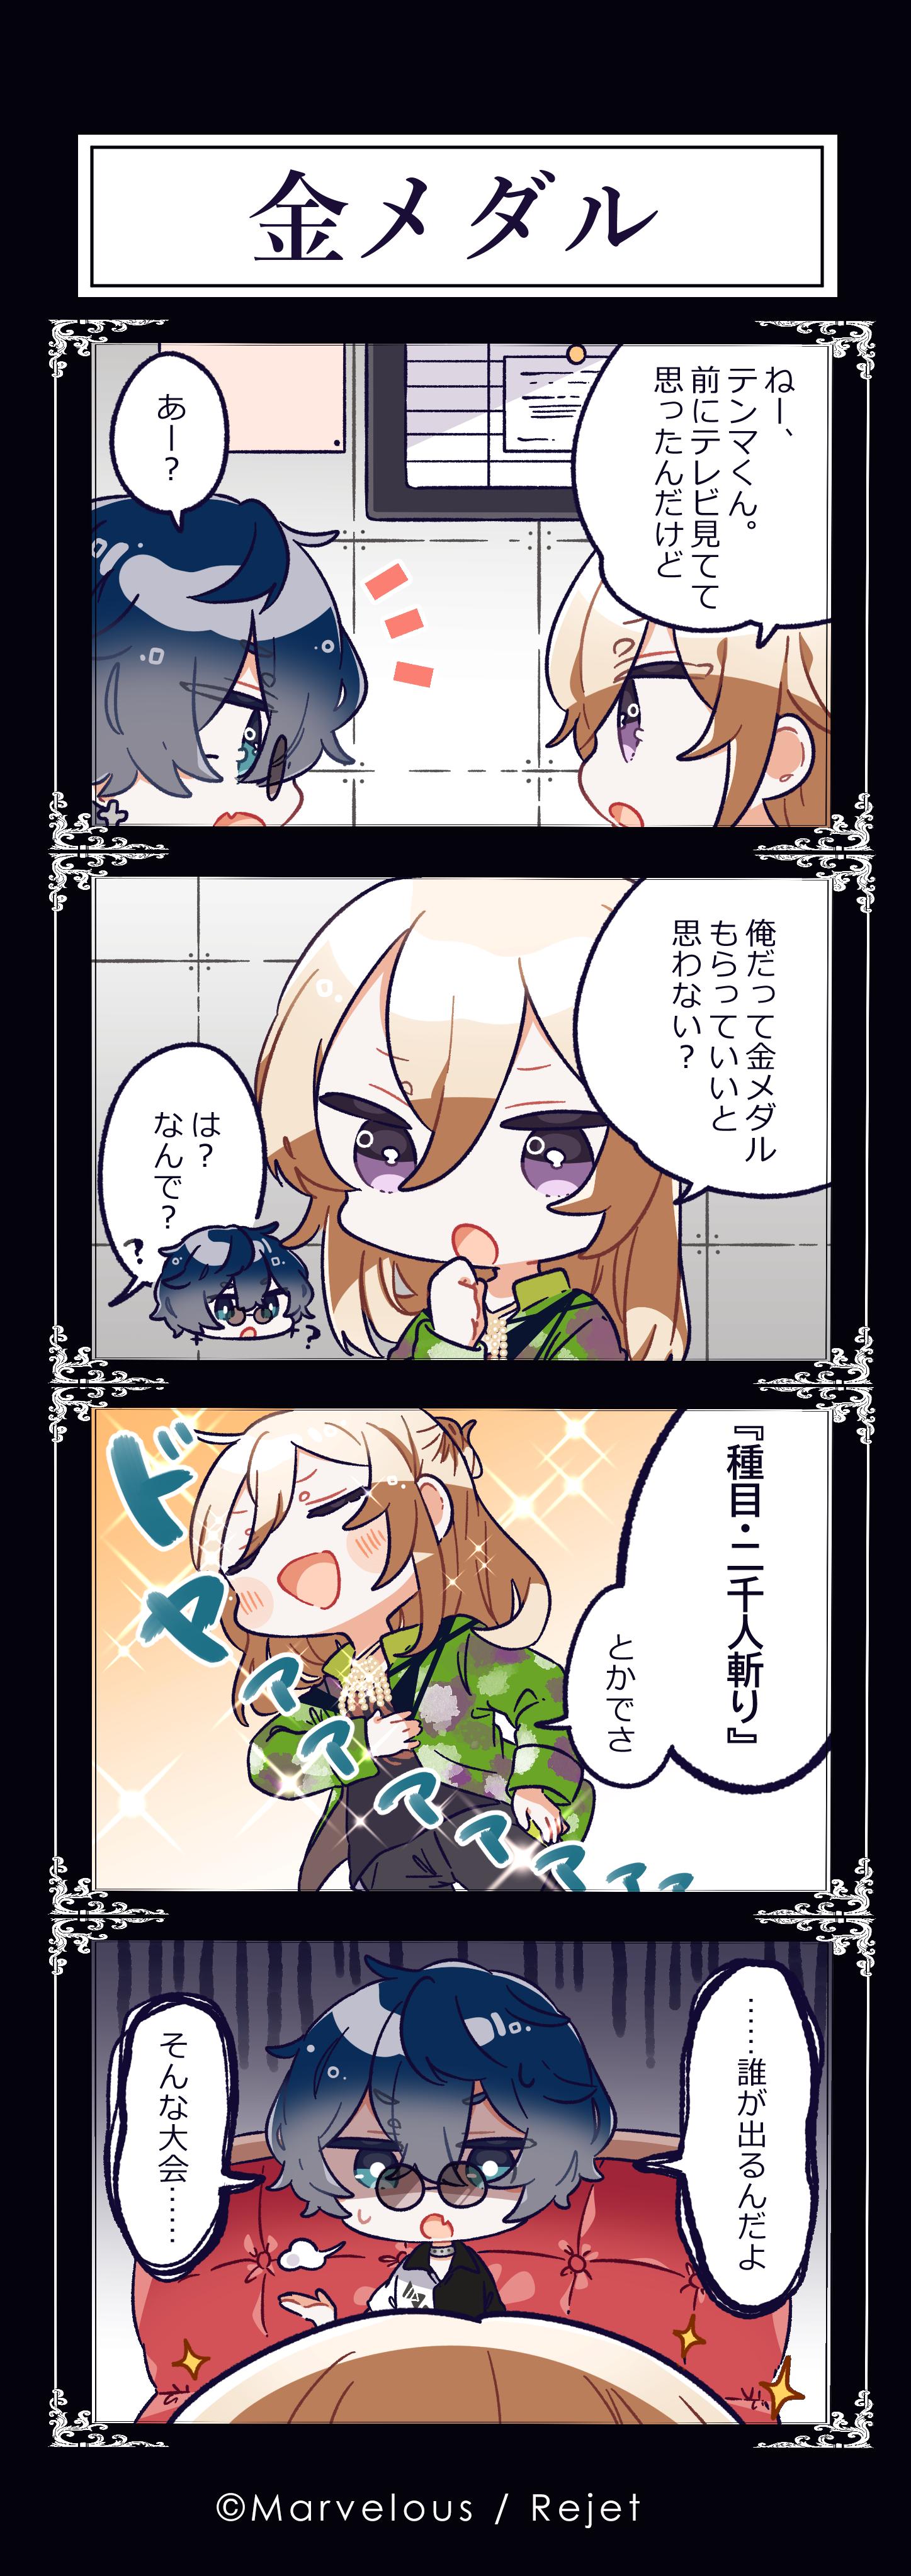 【9月投稿分】mawoko_FN4コマ1 (3).png